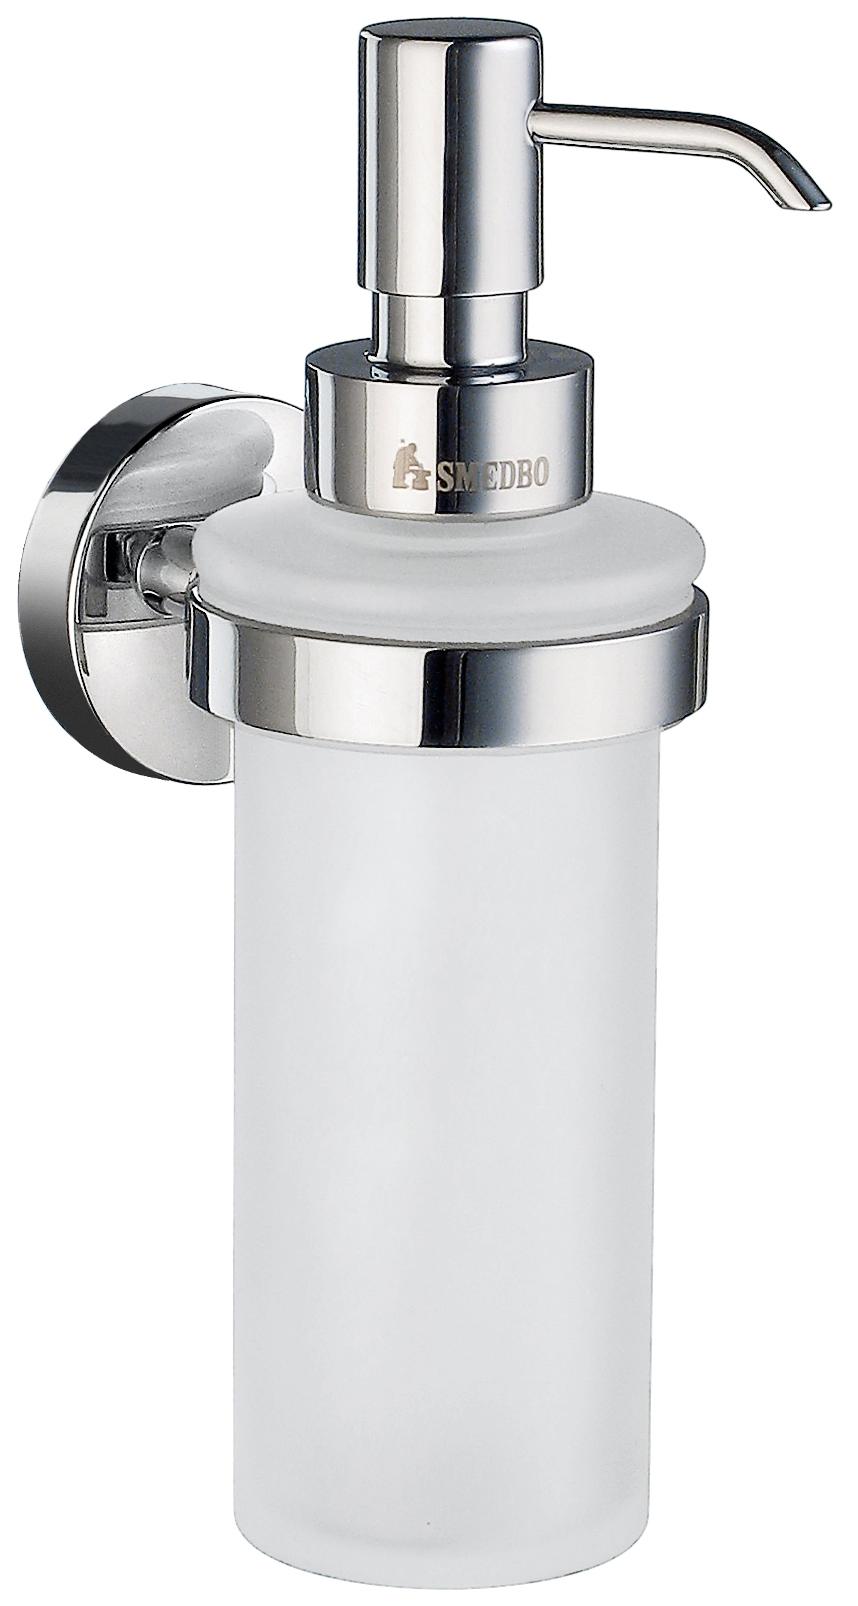 Náhradní pumpička pro dávkovač tekutého mýdla, chrom